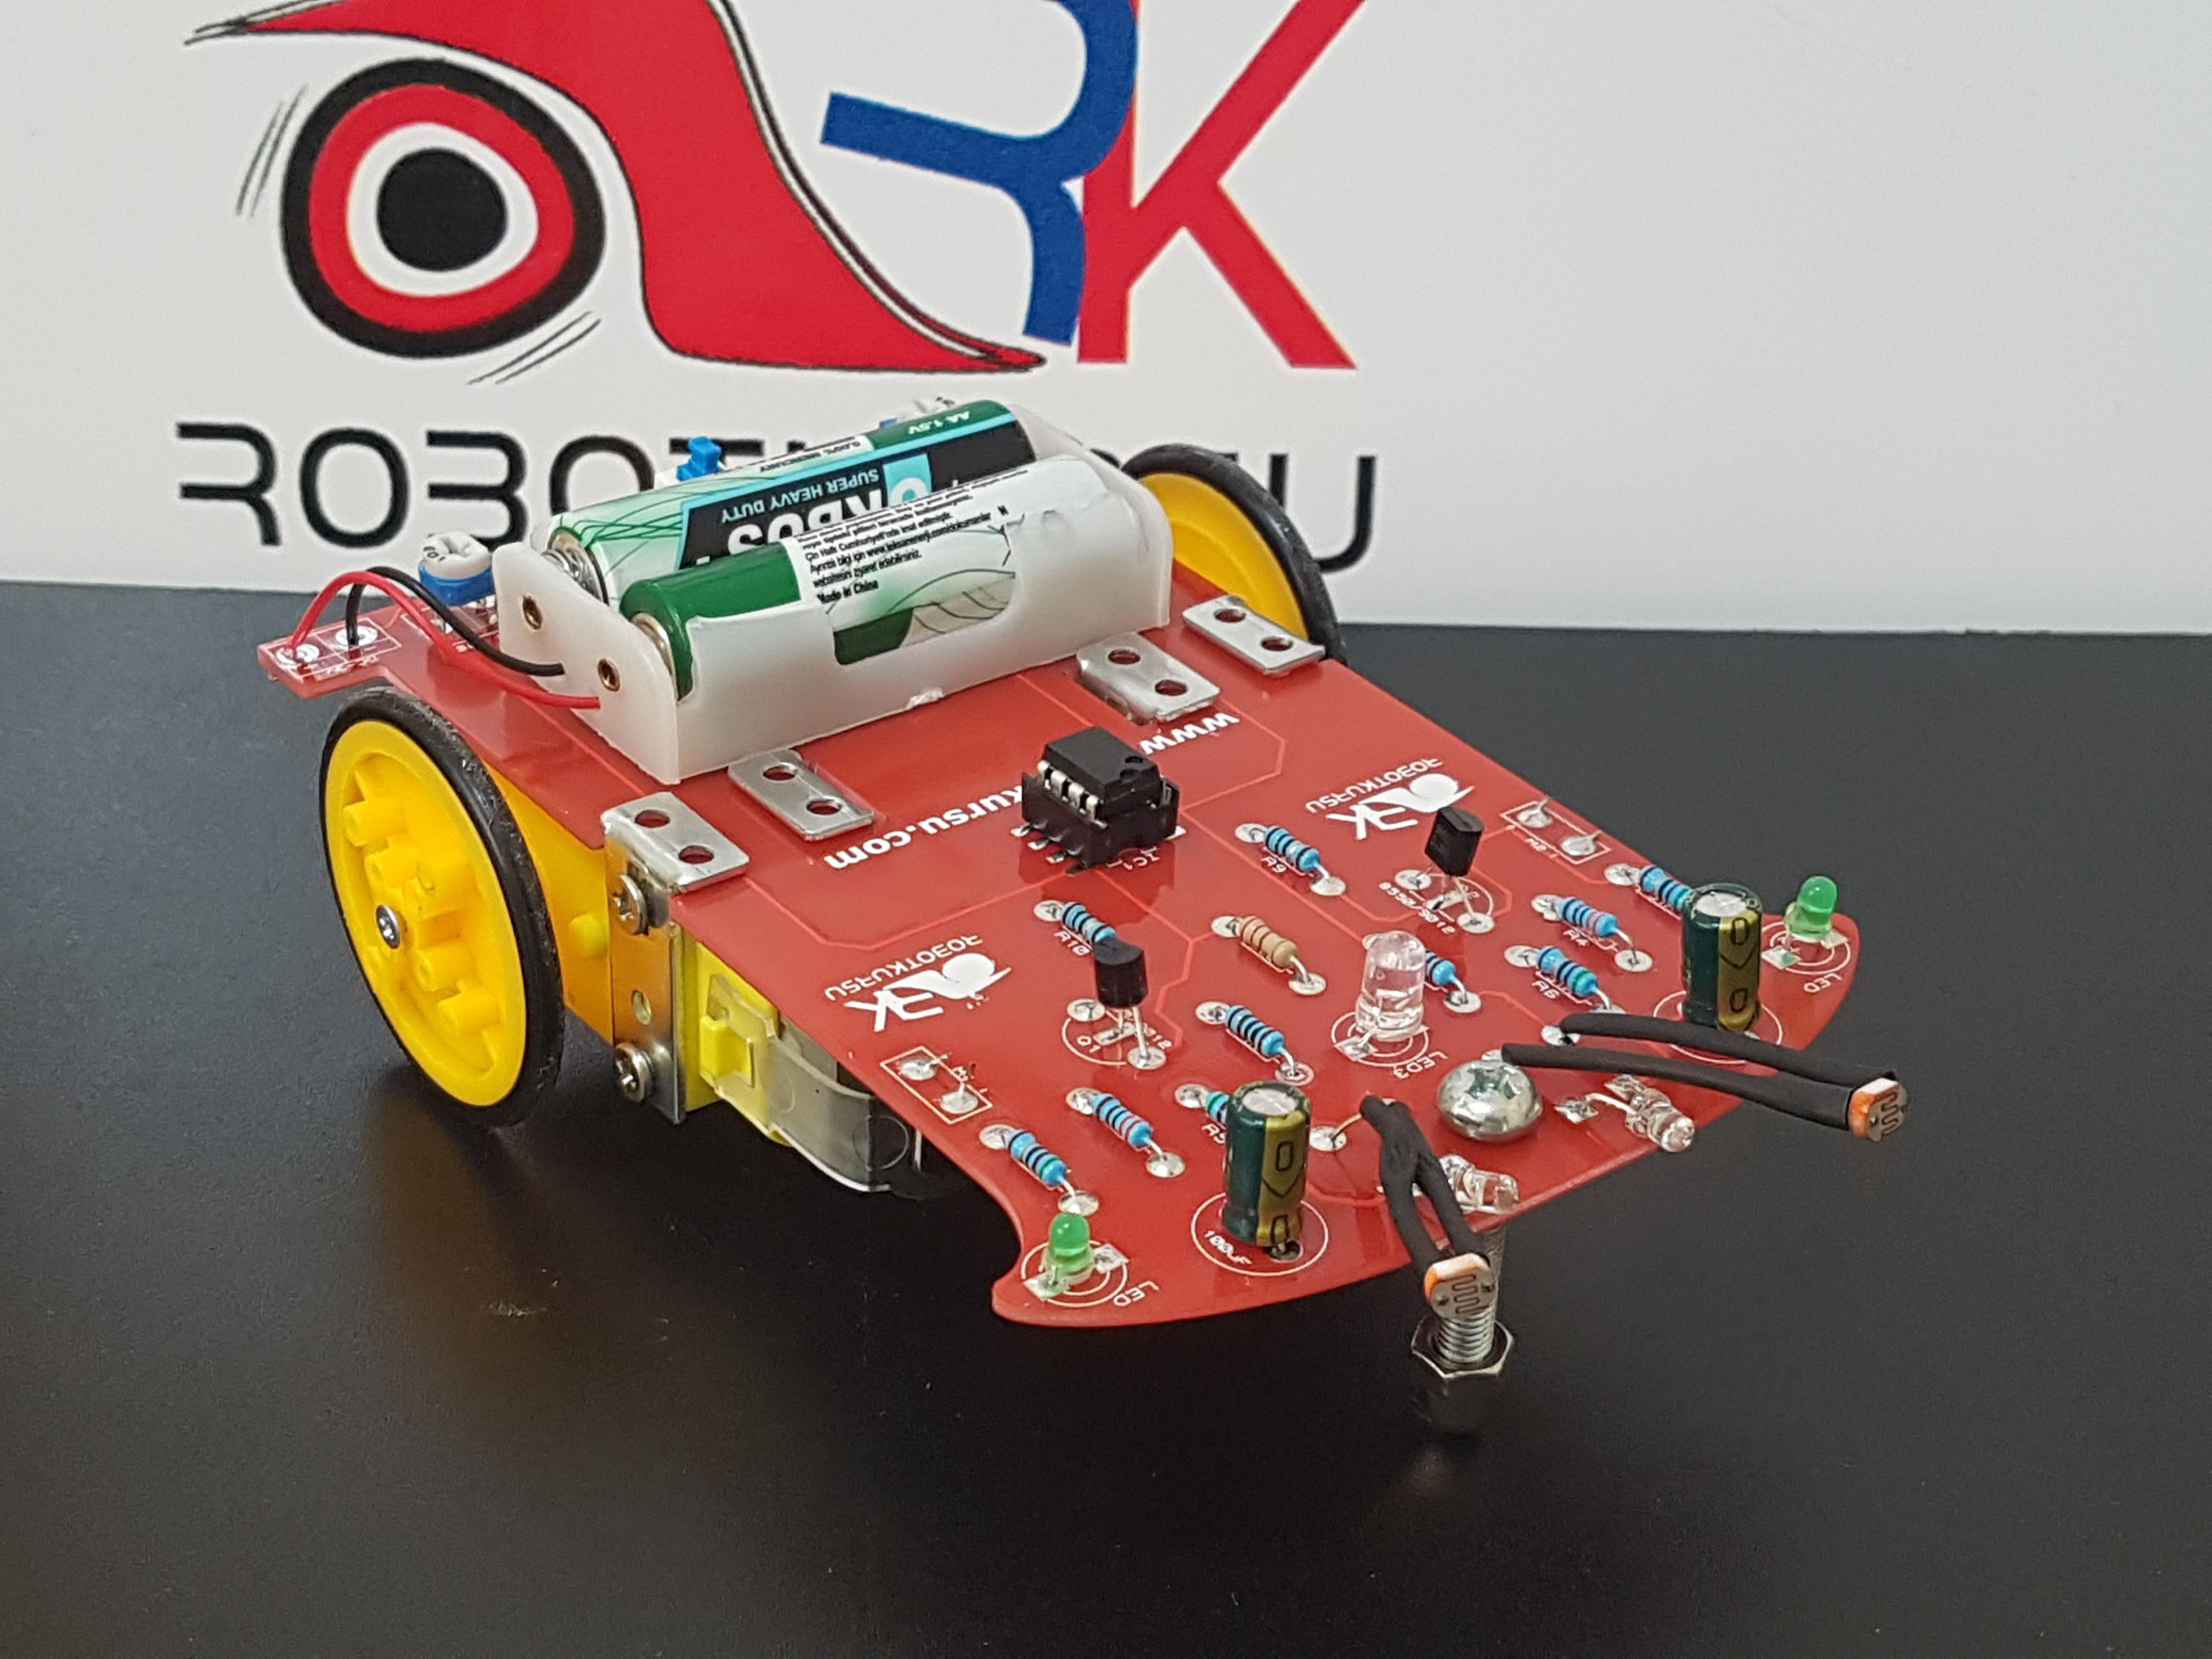 Yeni Işık İzleyen Robot